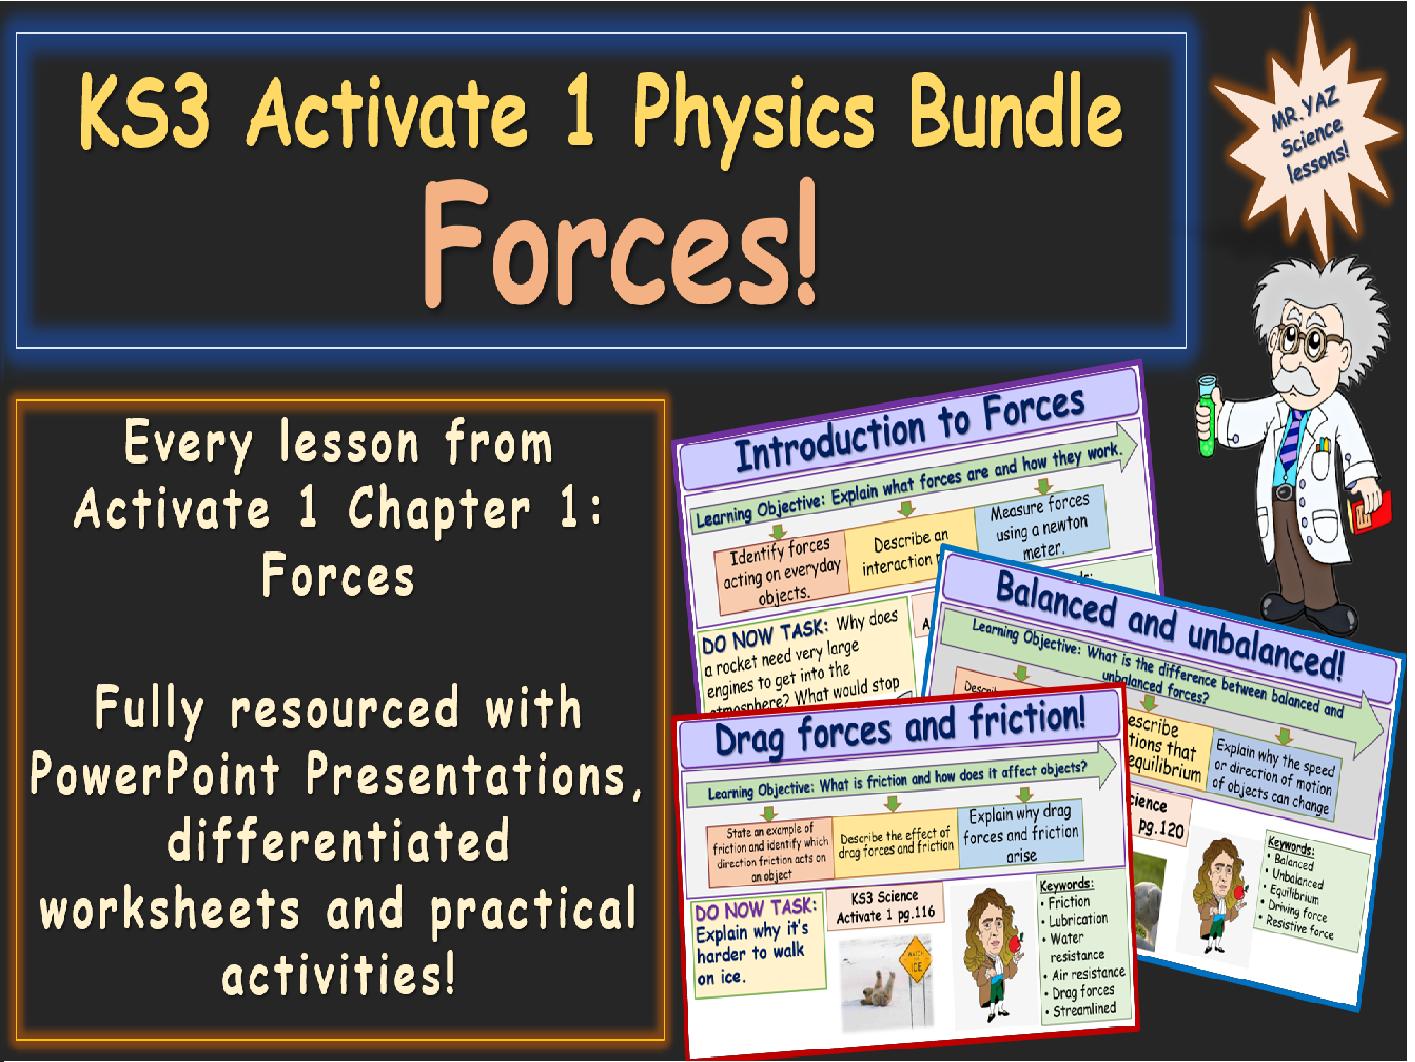 Forces Activate 1 KS3 Science bundle